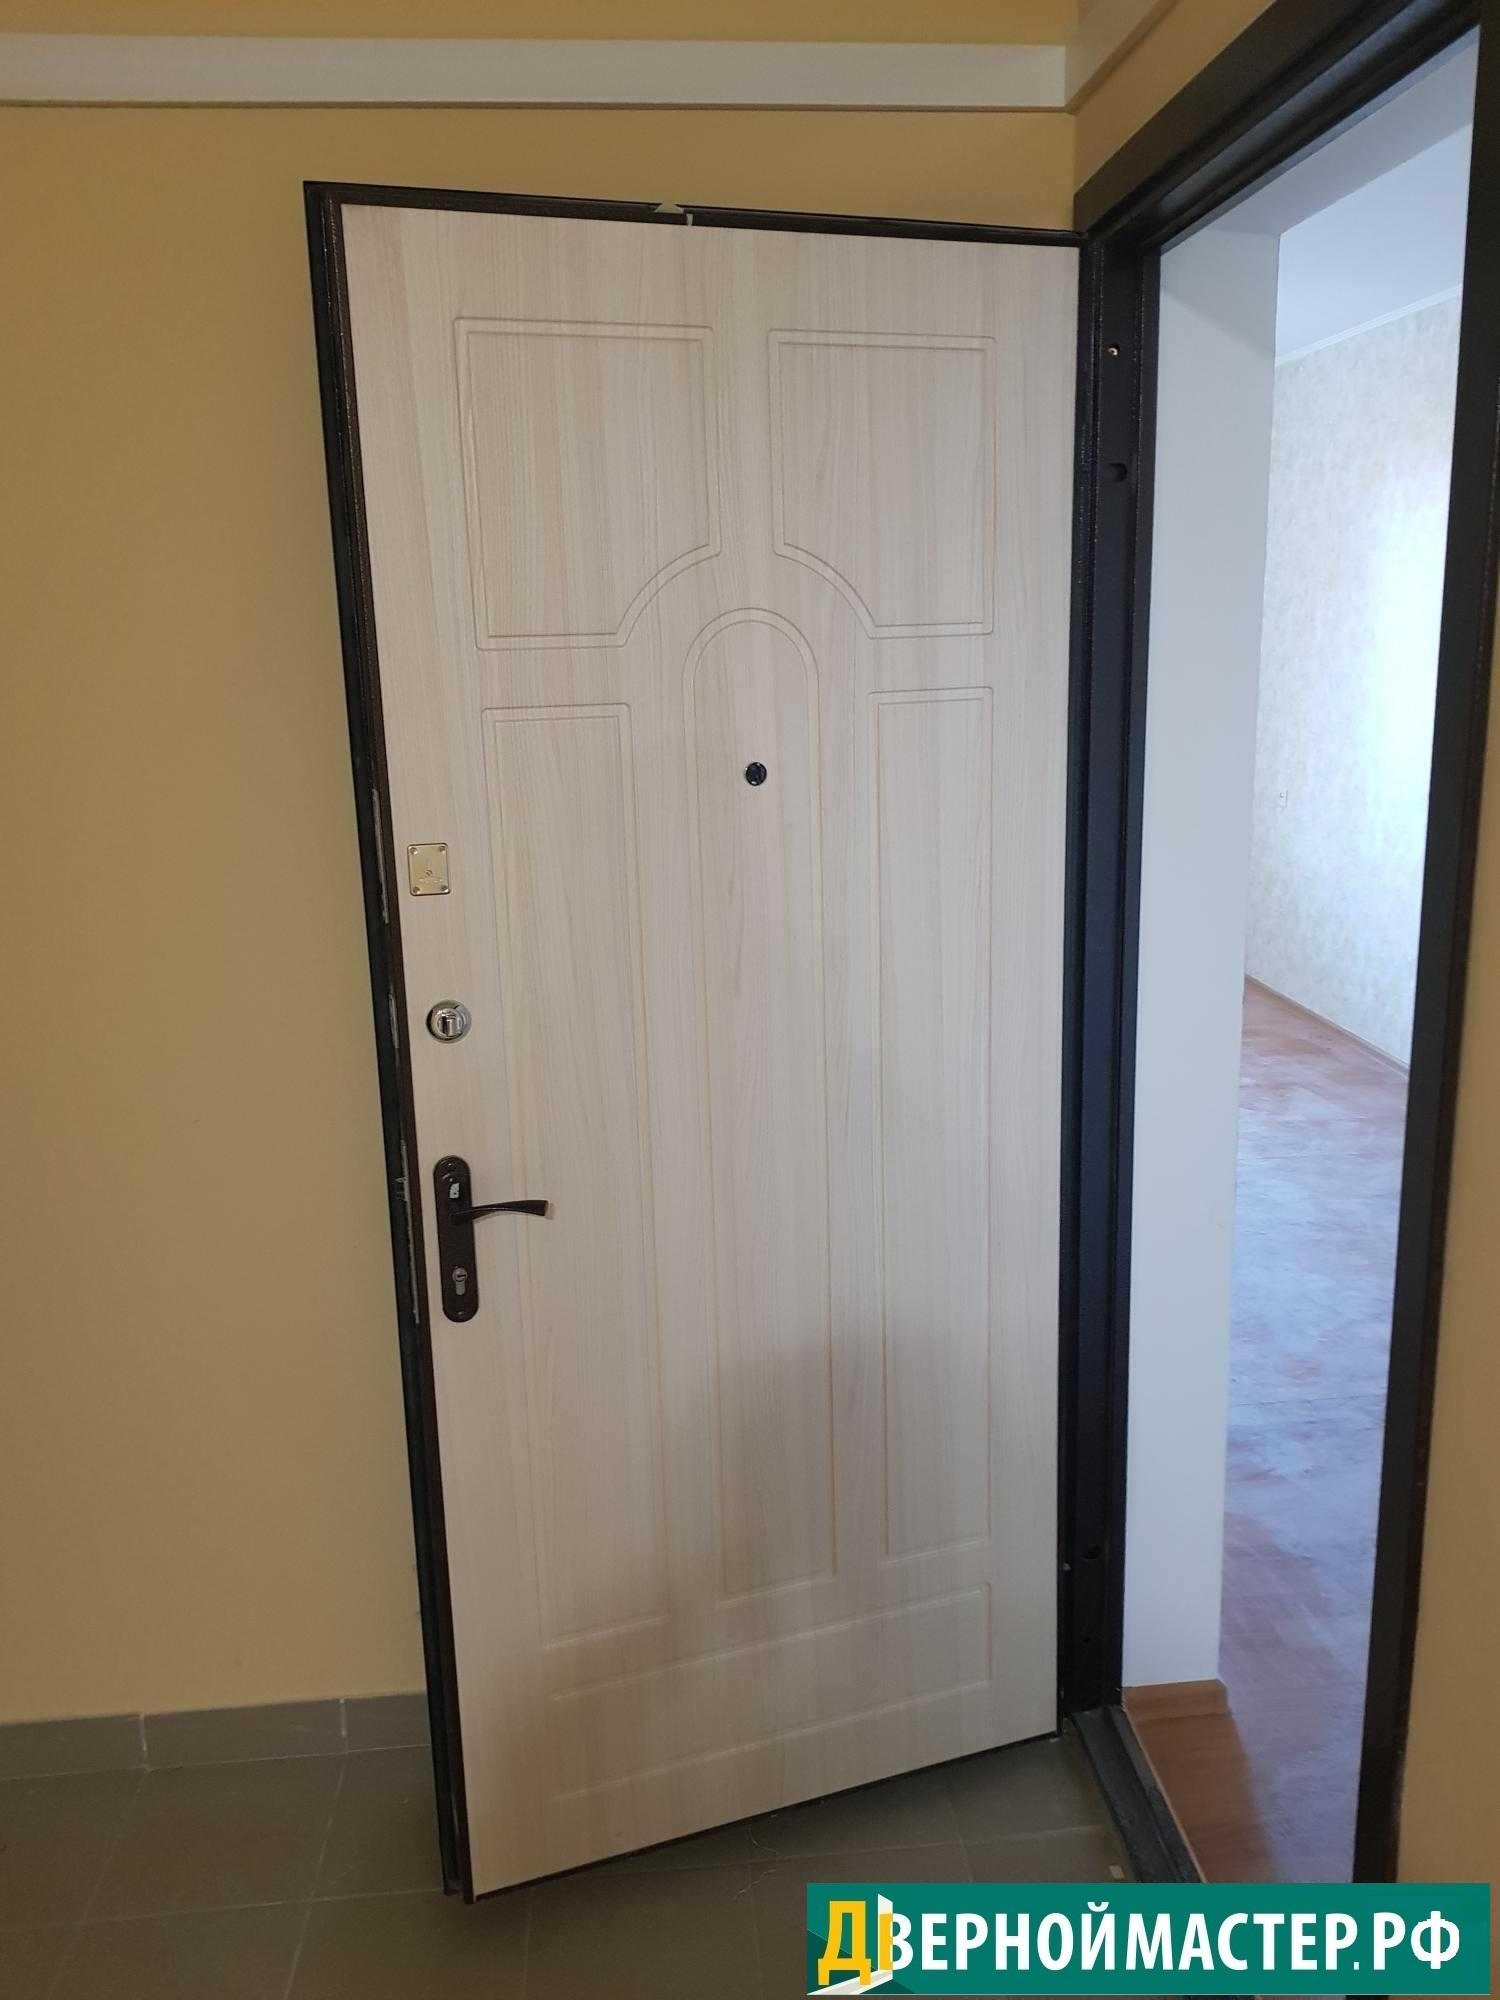 Металлическая дверь купленная нашими клиентами у нас с установкой в Химках